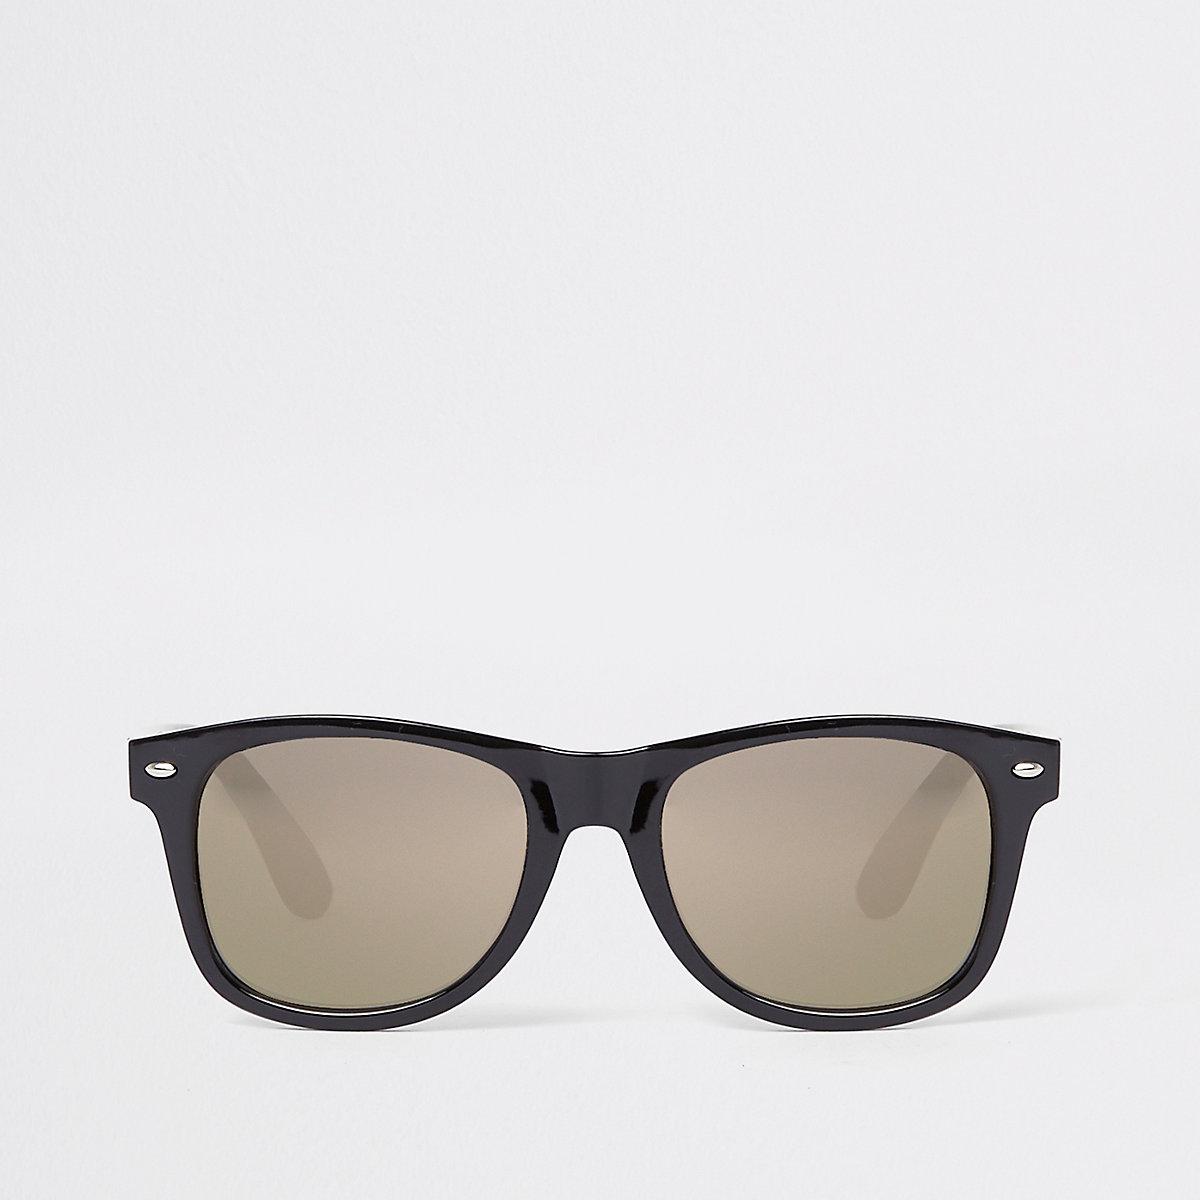 Schwarze, rechteckige Retro-Sonnenbrille